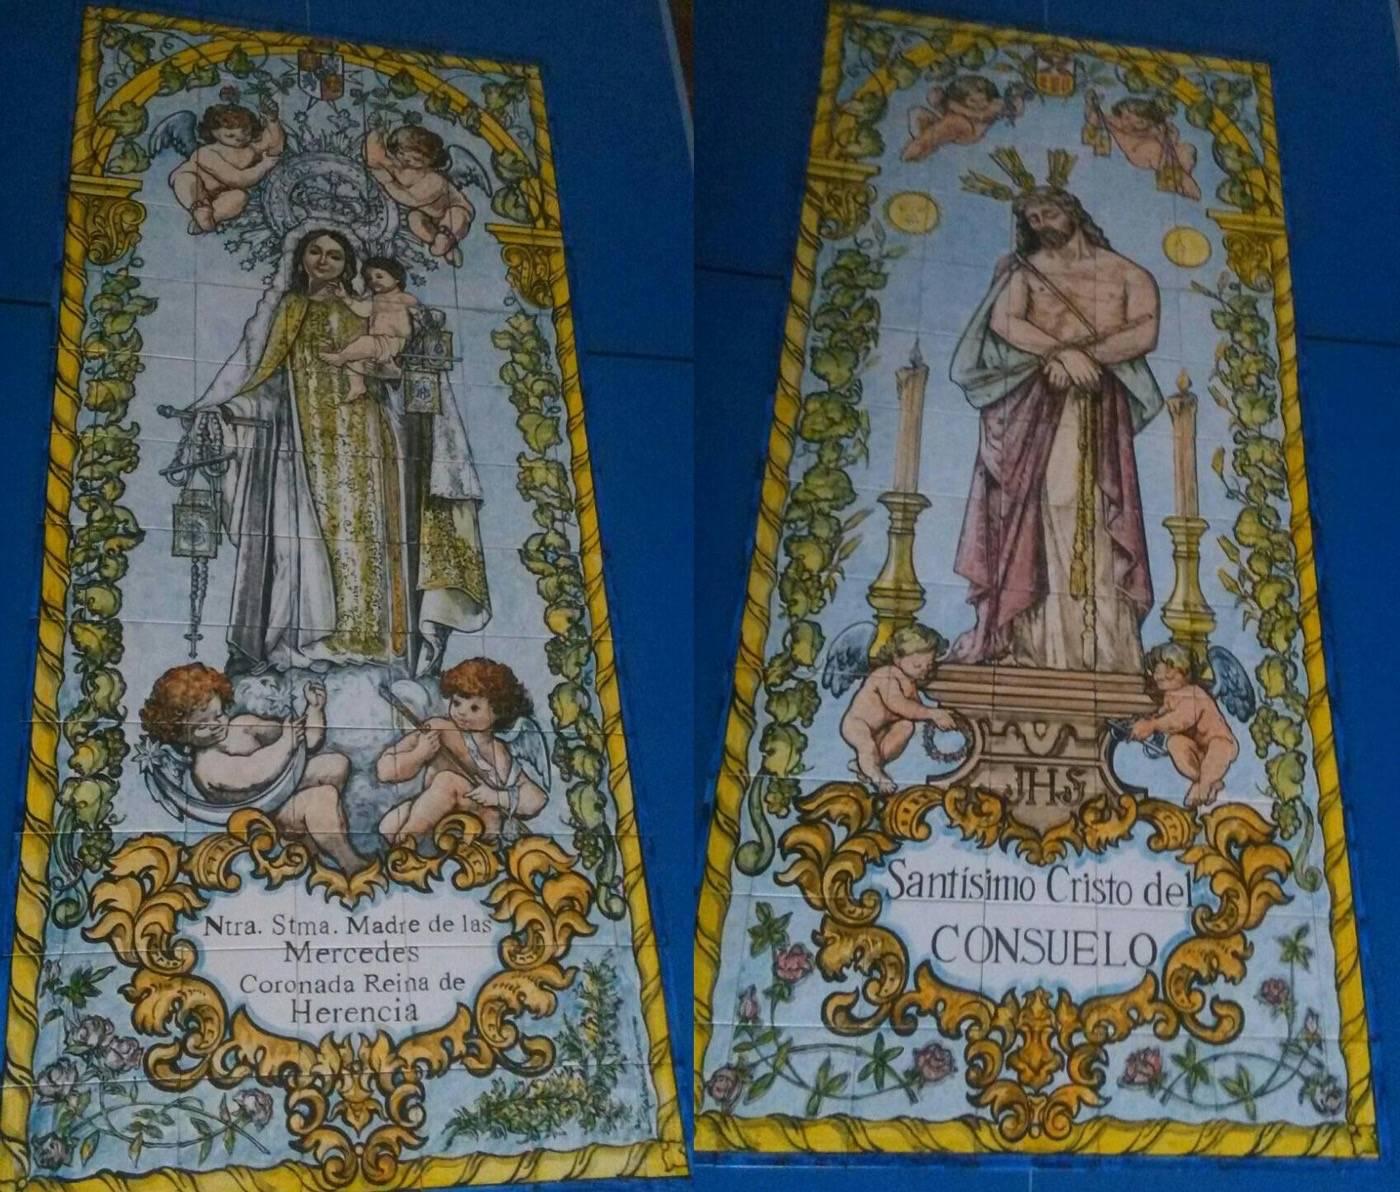 mosaicos para sustituir placas en fachada convento - Ayuntamiento ya tenía listos los mosaicos para sustituir las placas de la fachada del Convento